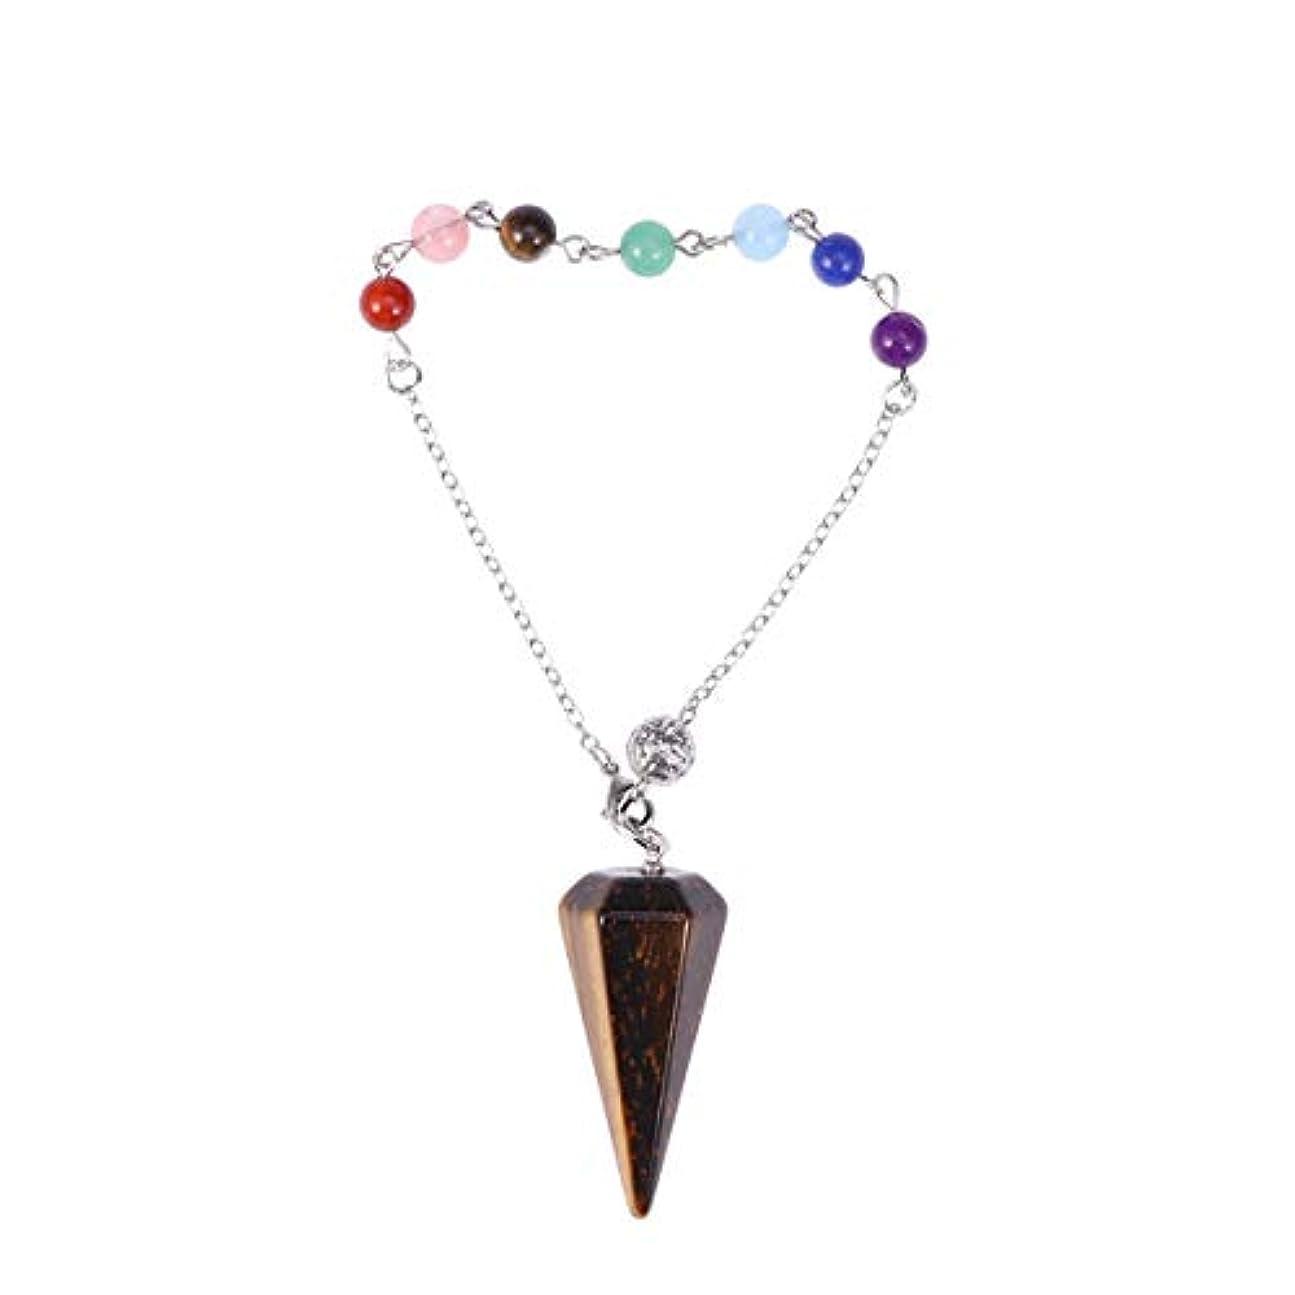 規制スチュアート島ワンダーHEALIFTY 天然水晶六角形ペンダントチャクラチェーンペンダント(タイガーアイ宝石)